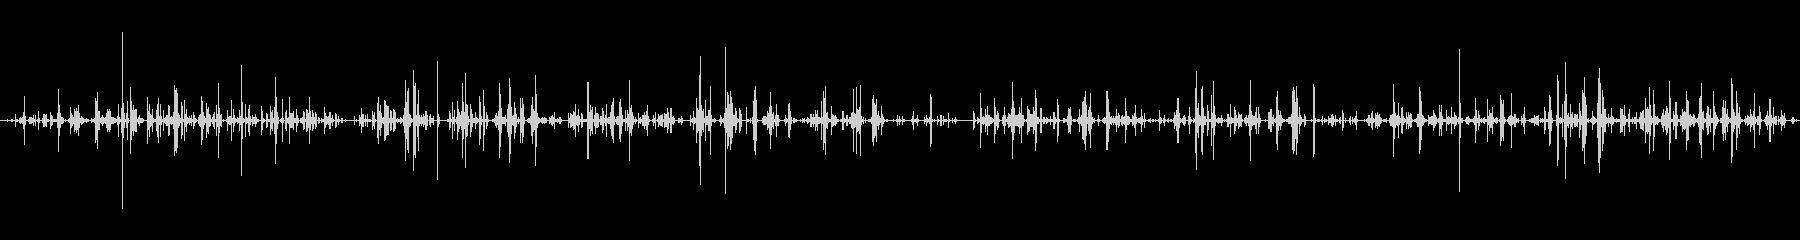 キー キーホルダー中型ラトルシーケ...の未再生の波形